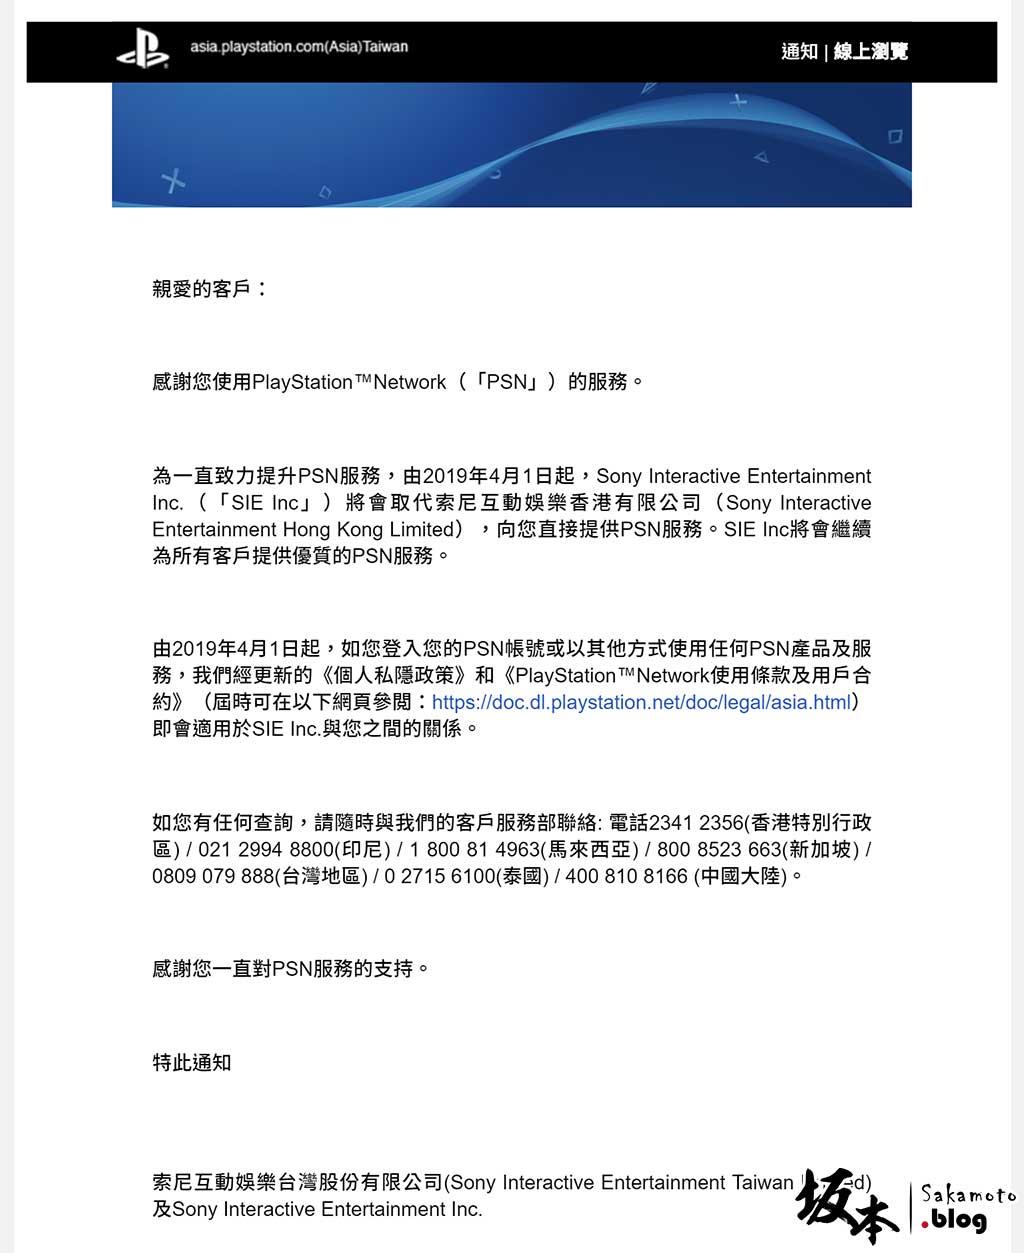 台灣 PSN 開放申請電子發票載具 3